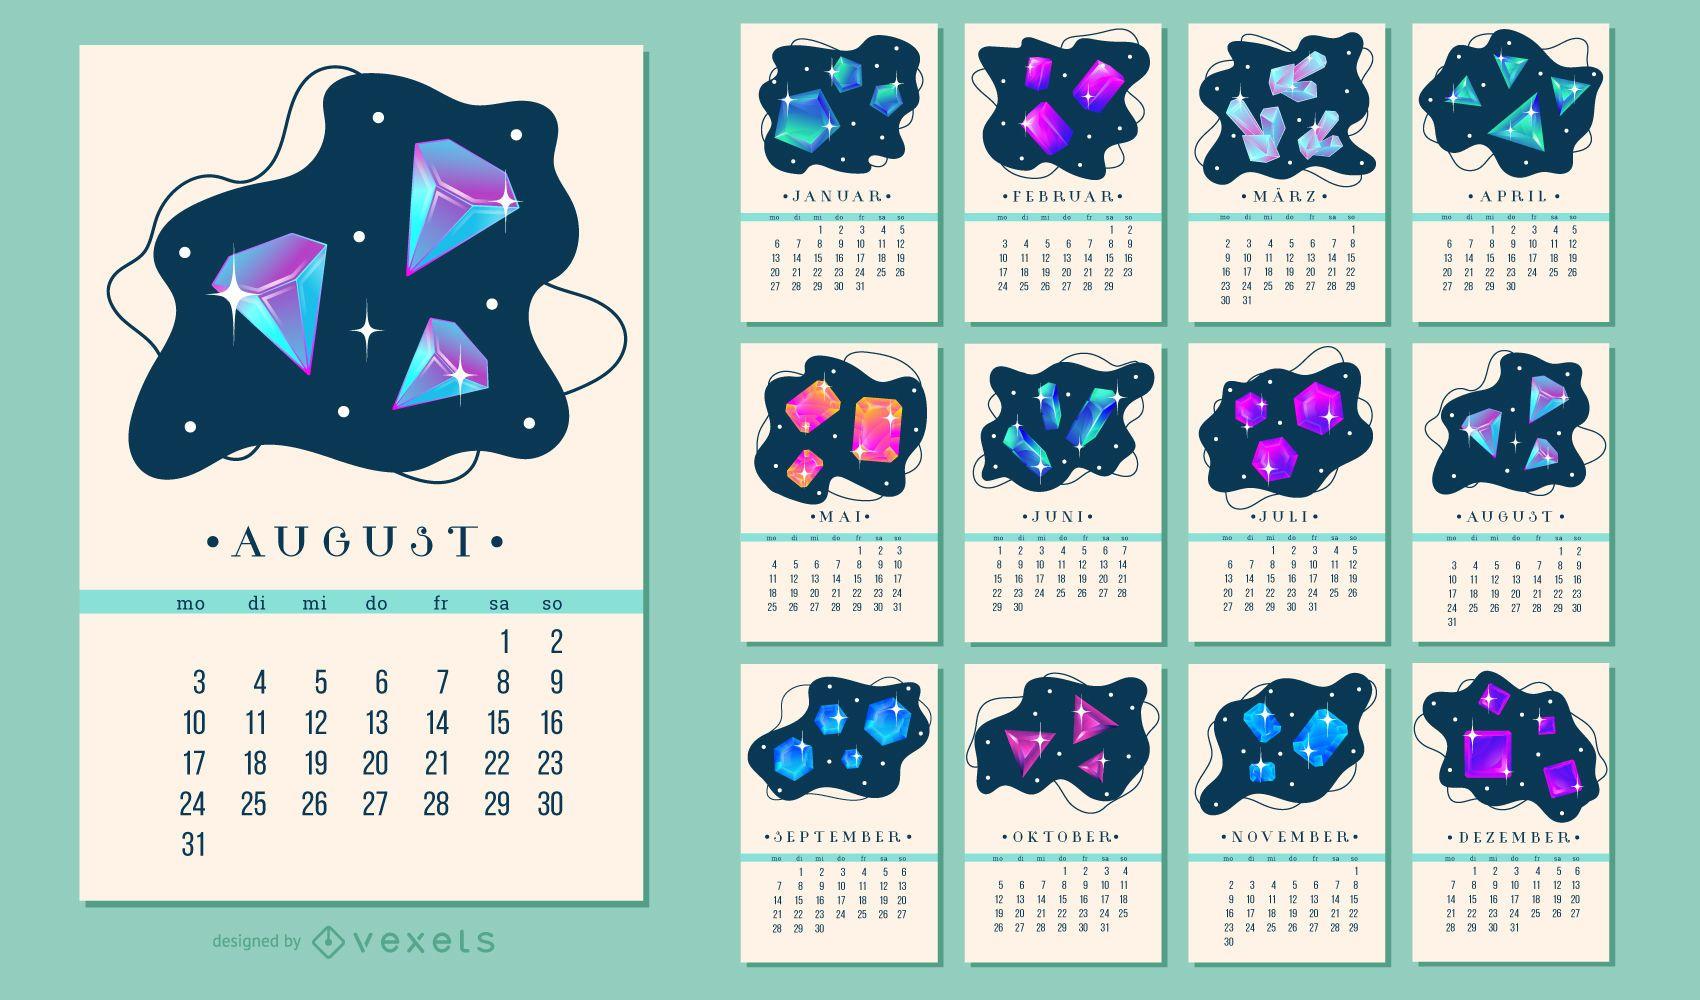 German 2020 Crystal Calendar Design